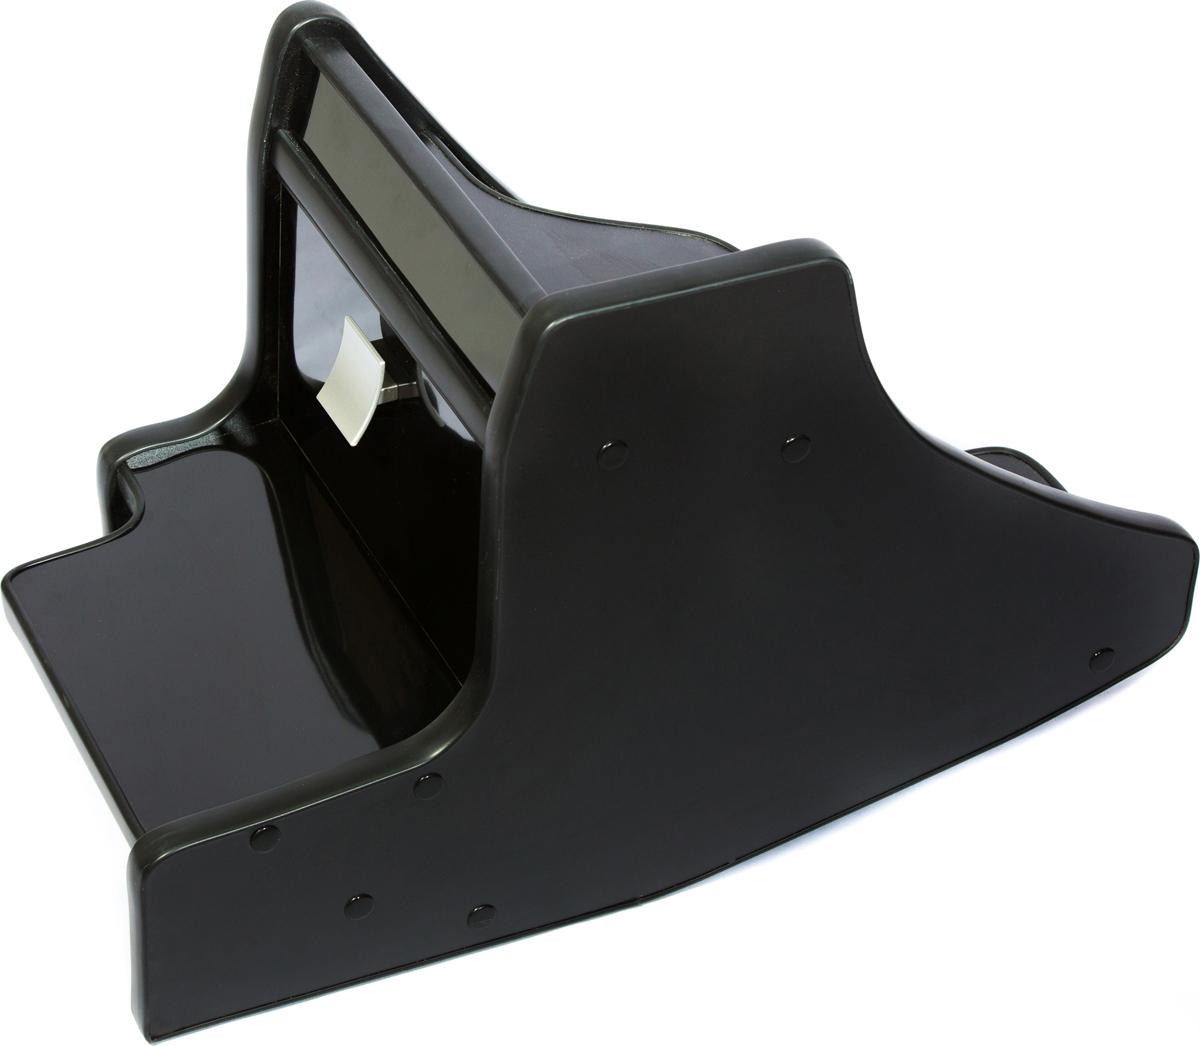 Консоль в авто АвтоБлюз для ГАЗель NEXT, ГР02738, ручка КПП на панели, глянец черный противоугонные средства авто